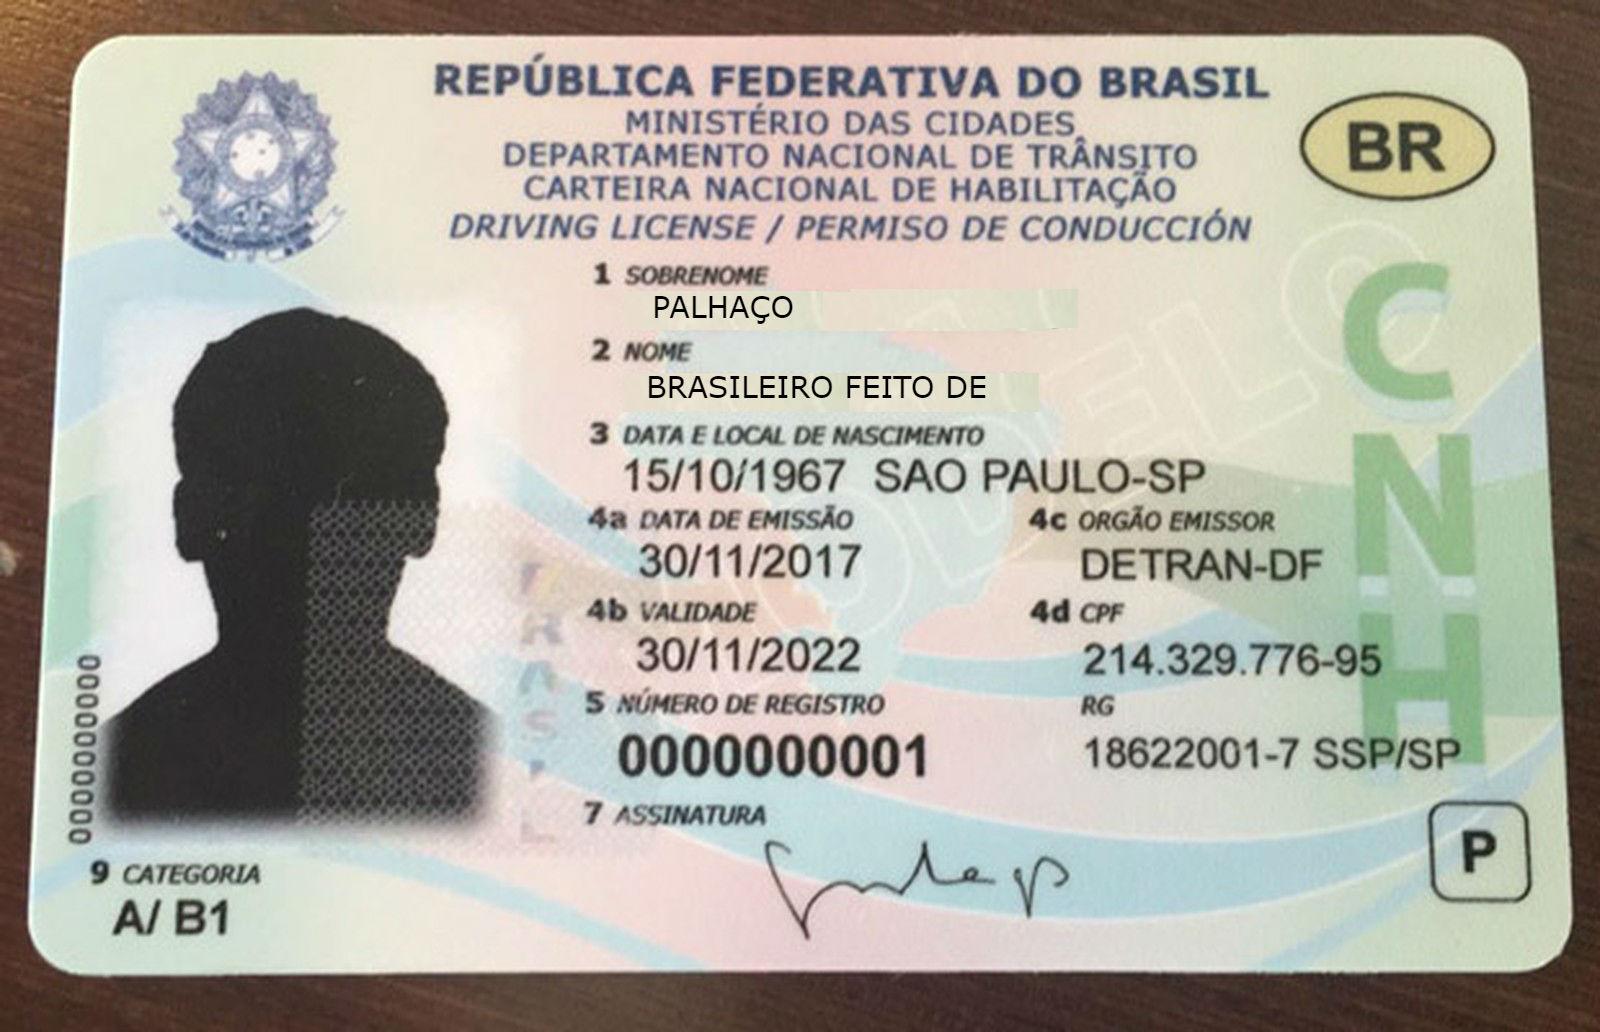 Obter/renovar carteira de motorista no Brasil ficará pior